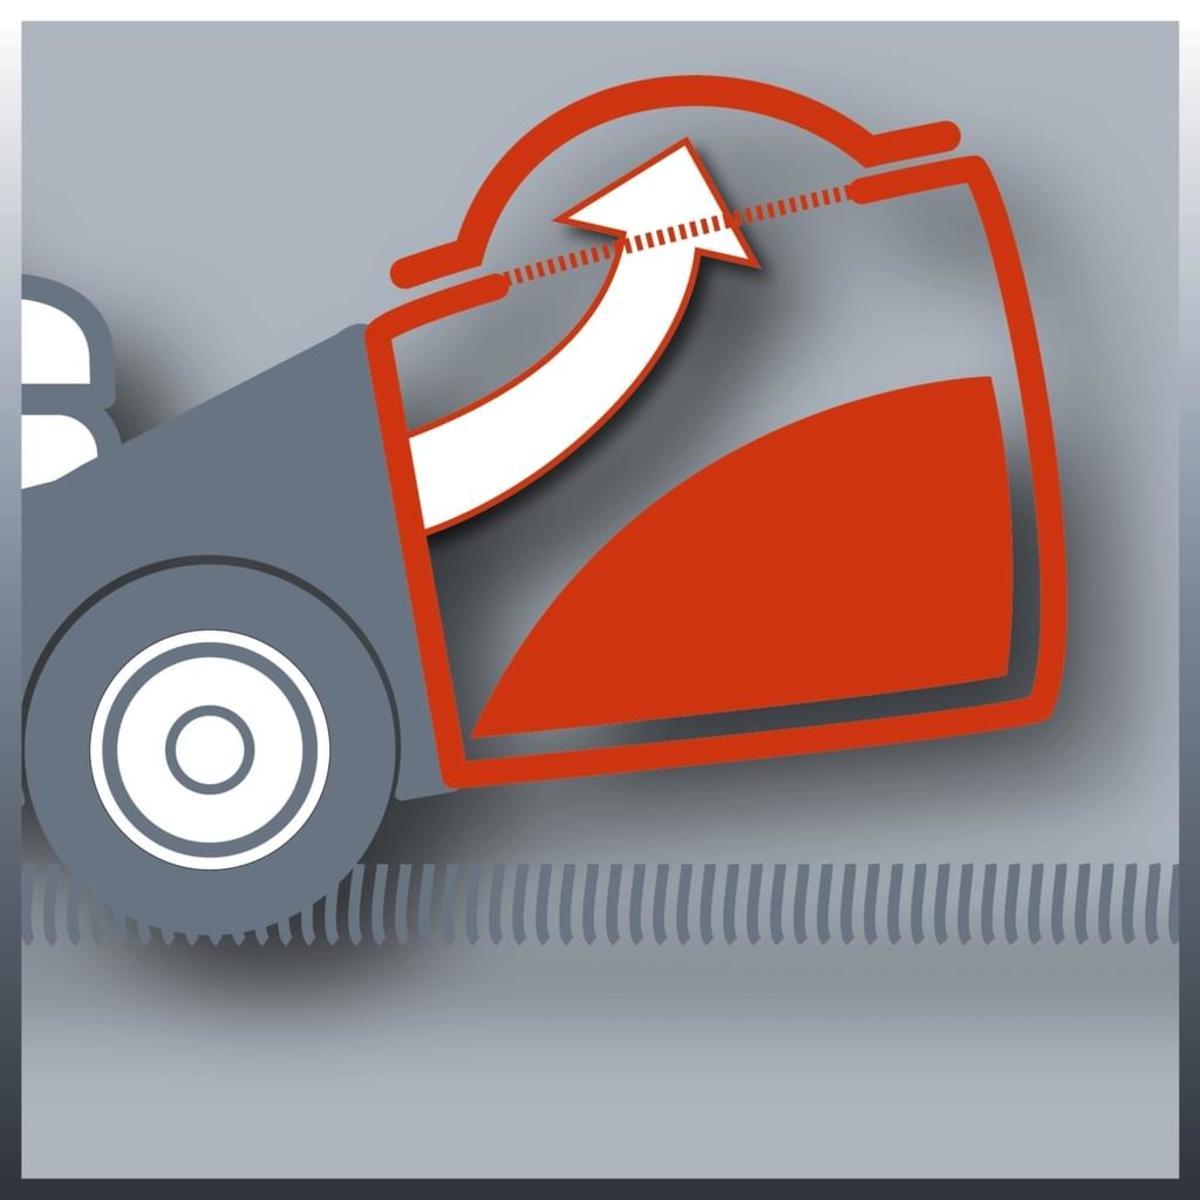 Bild 3 von Einhell GC-PM 46/3 S 34.007.27 Handgeführter Rasenmäher, 4-Takt Benzinmotor, 46cm Schnittbreite, Radantrieb, Grasfang hinten, Schwarz/Rot